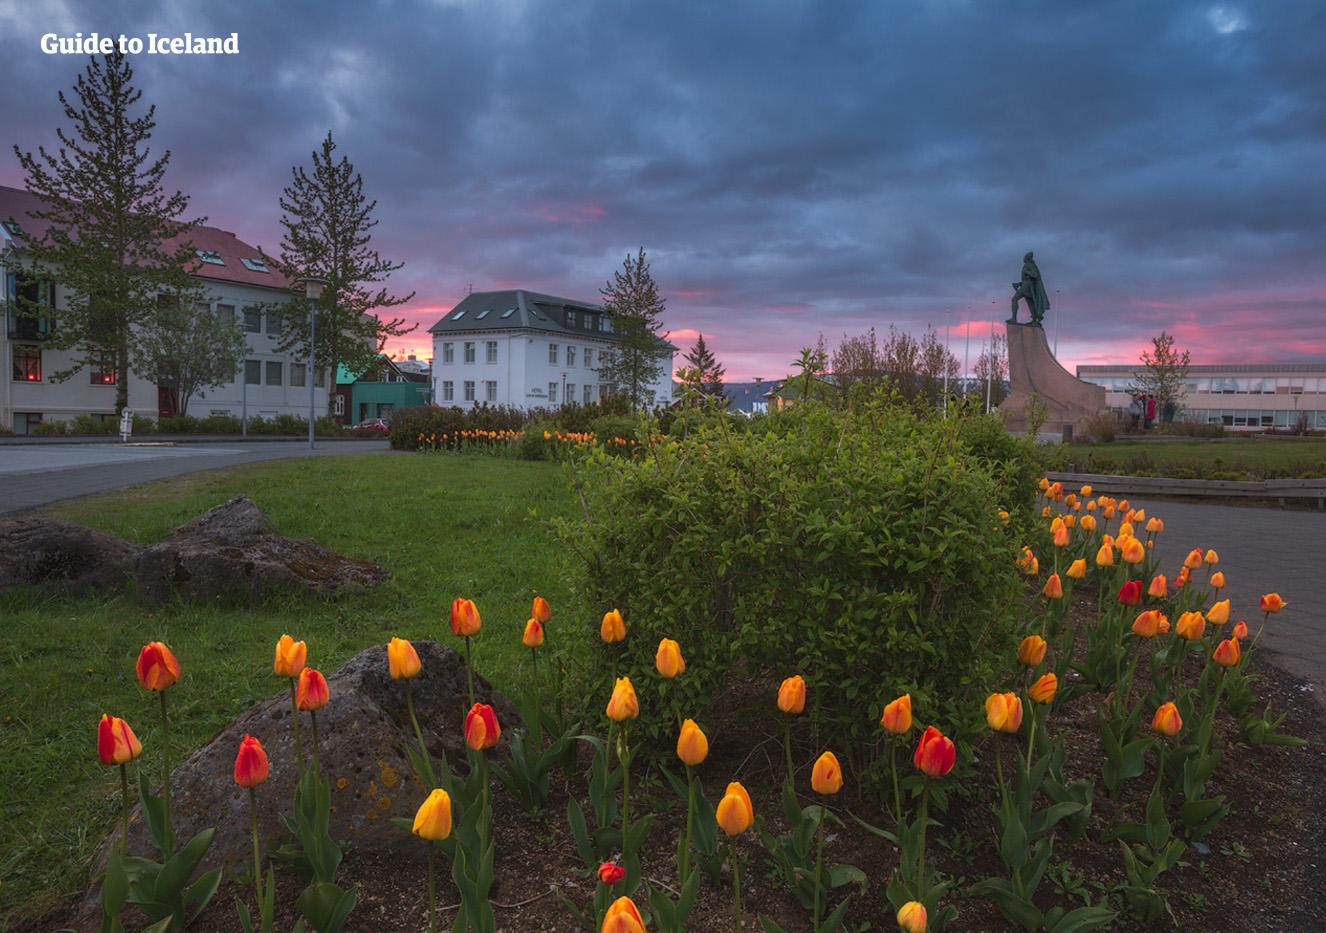 夏季时盛开于冰岛首都雷克雅未克的野花